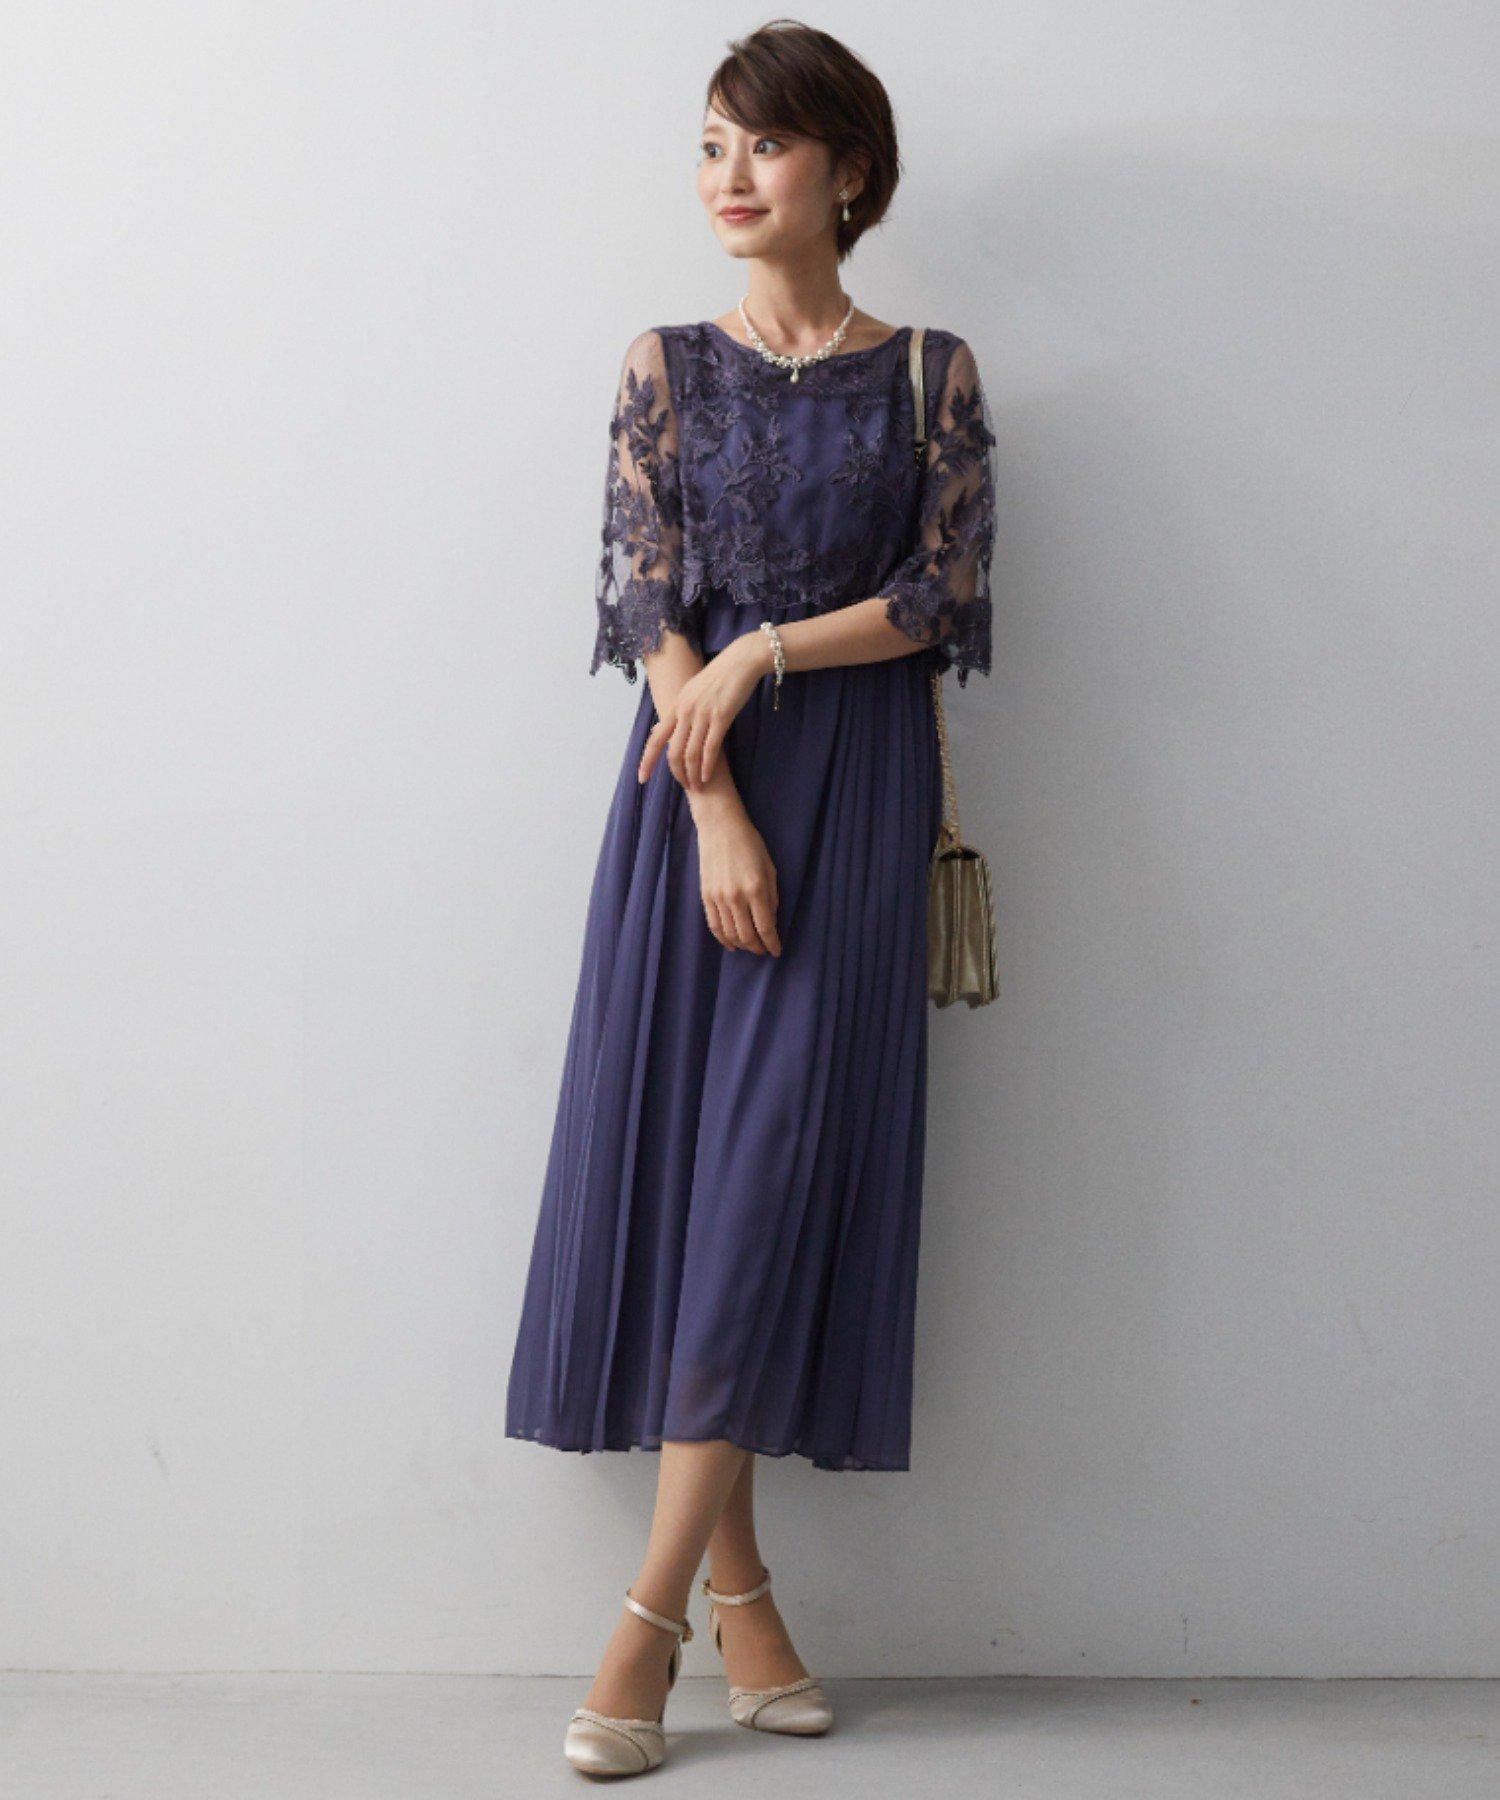 袖付き刺繍レースふらし サイドプリーツスカートワンピースドレス